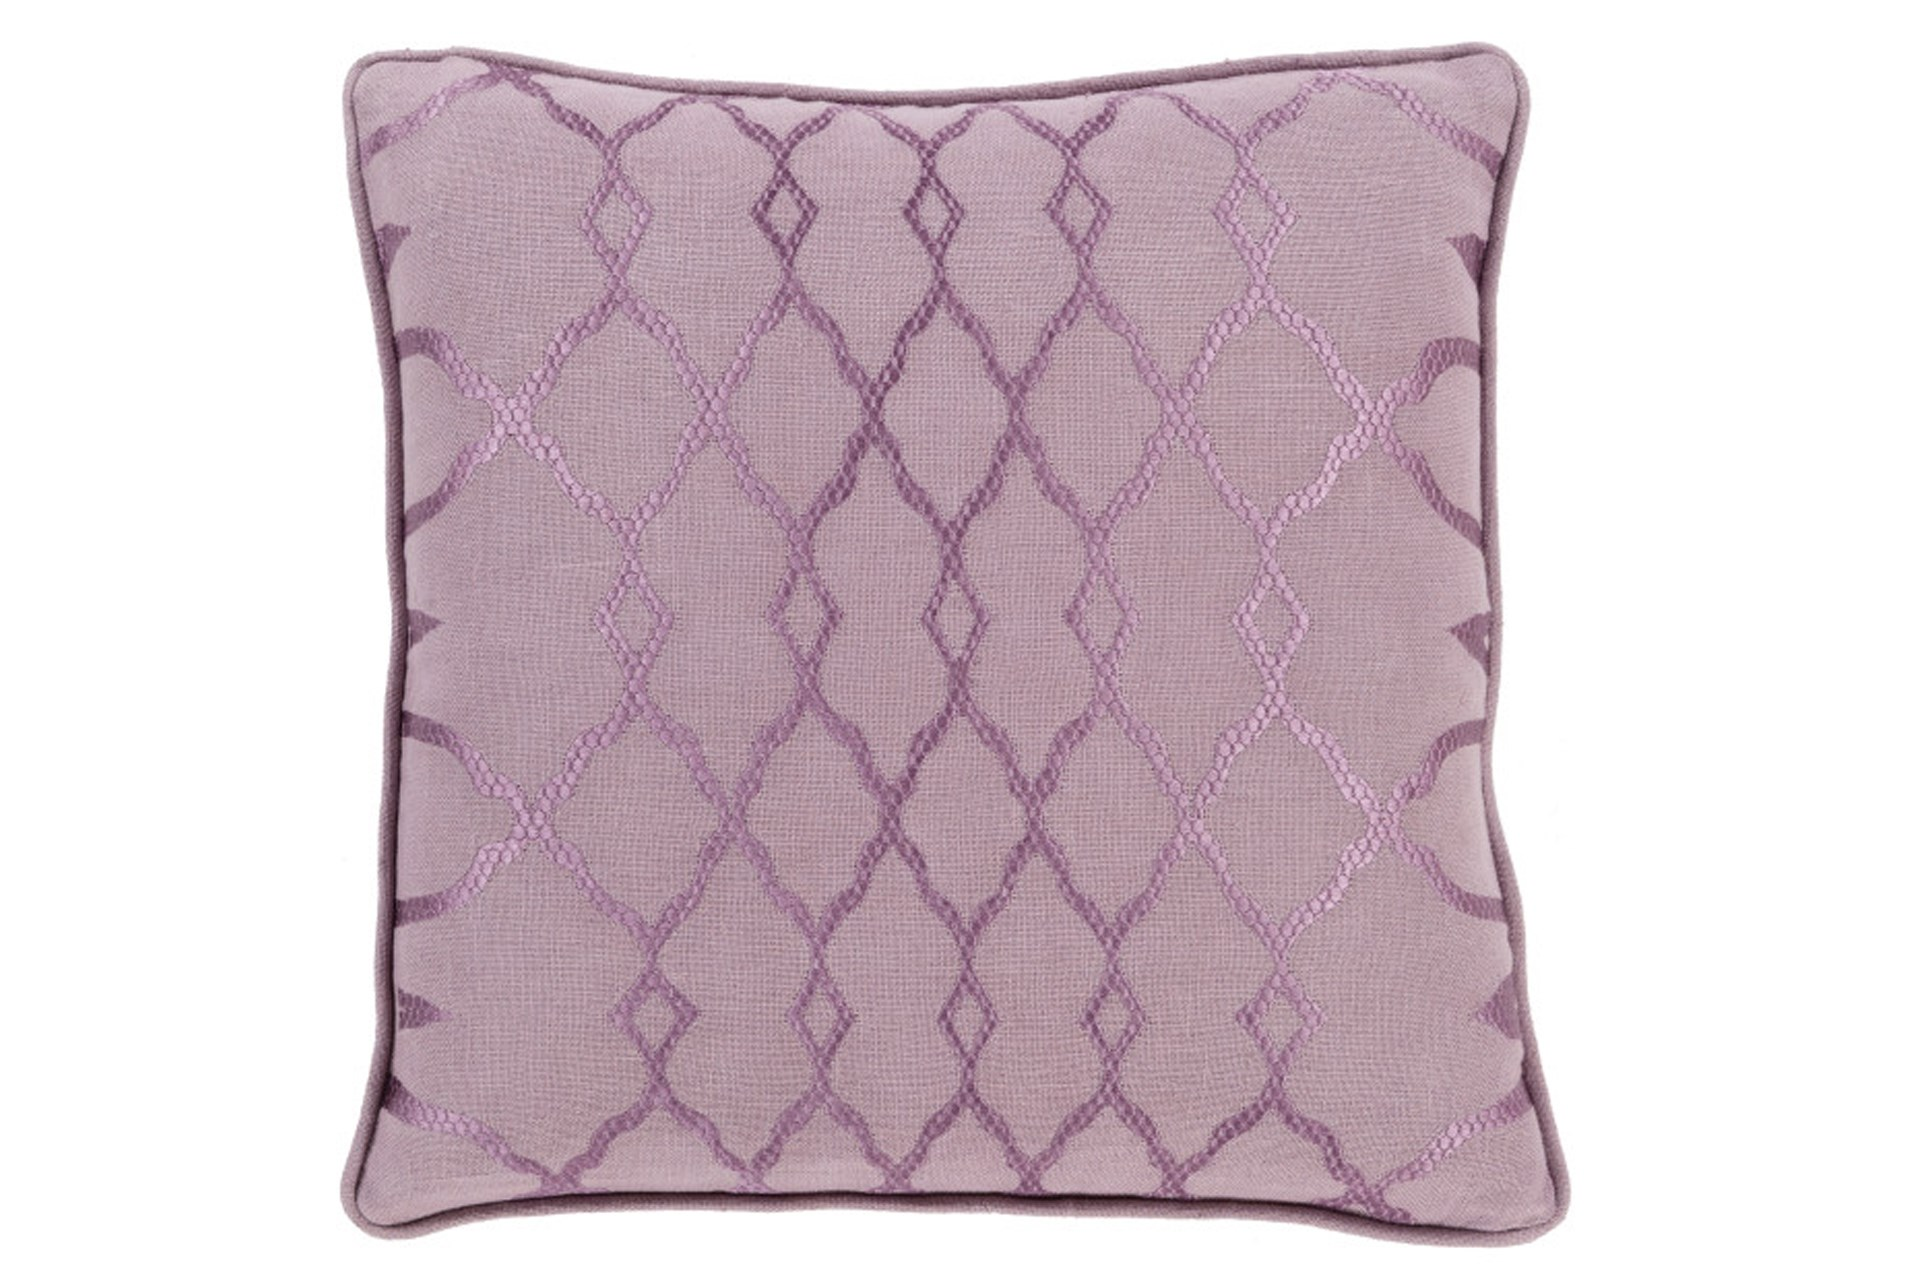 Purple Decorative Pillows | Living Spaces